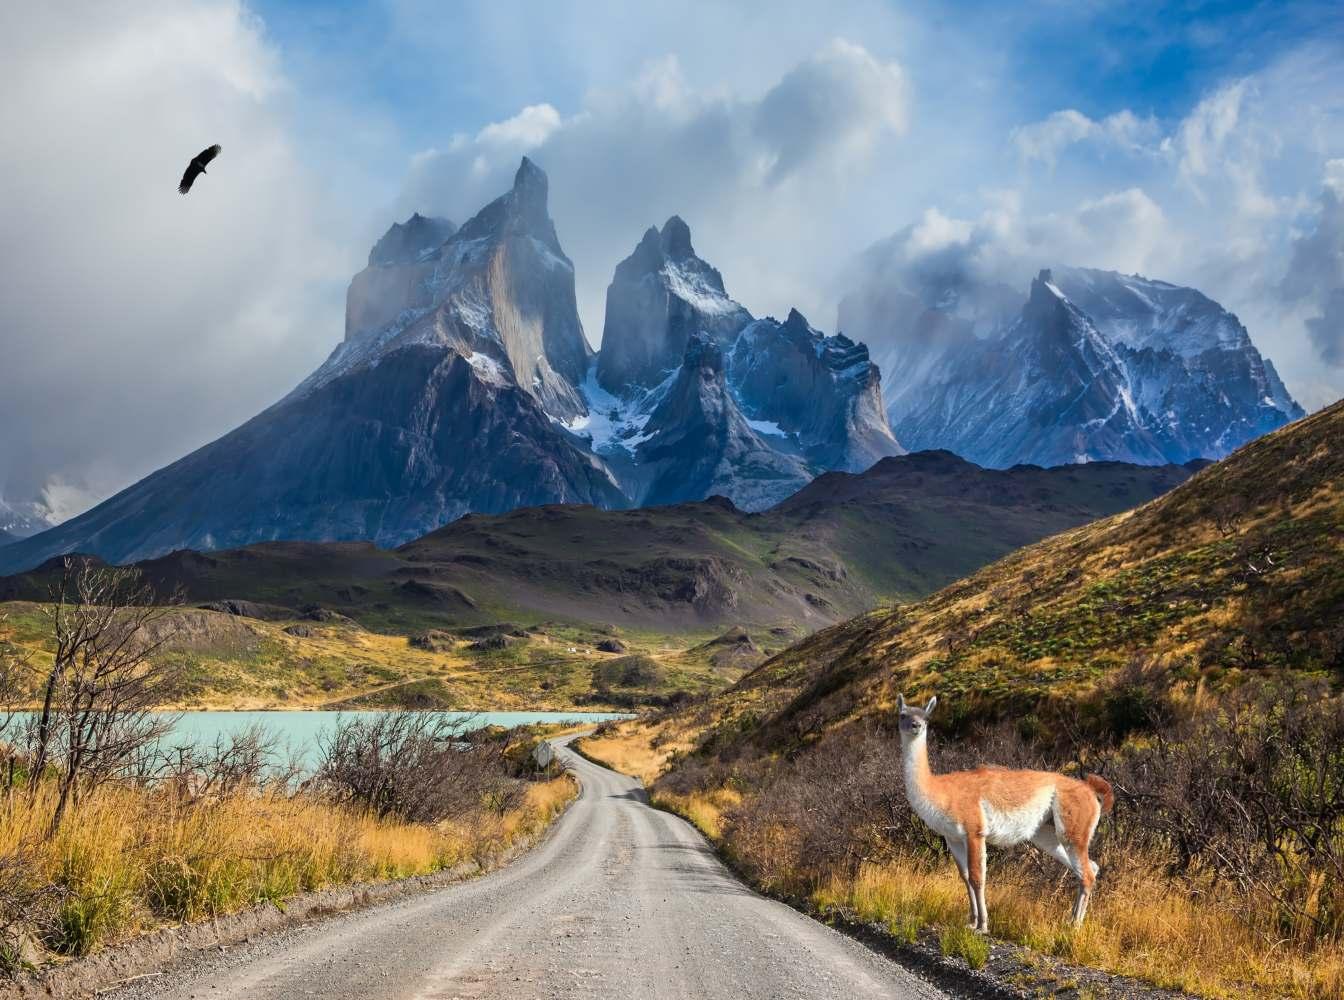 Estrada pelas montanhas no Chile